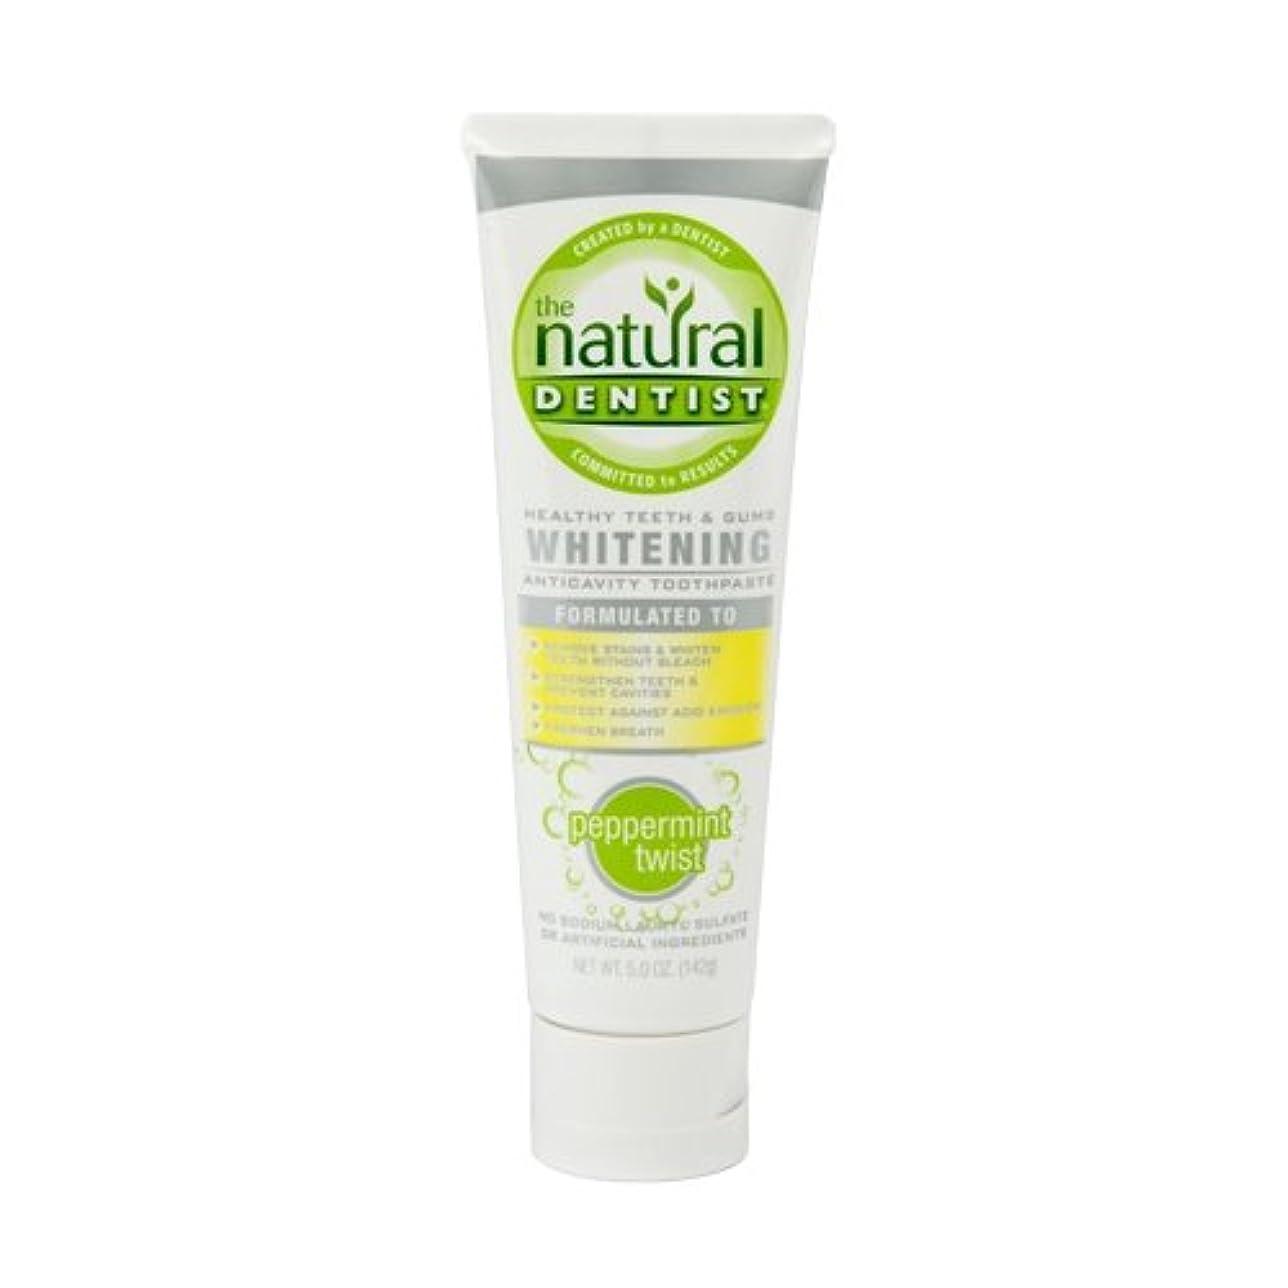 エーカー羊有能な海外直送肘 Toothpaste Whitening Peppermint Twist, Whitening Peppermint Twist , 5 oz